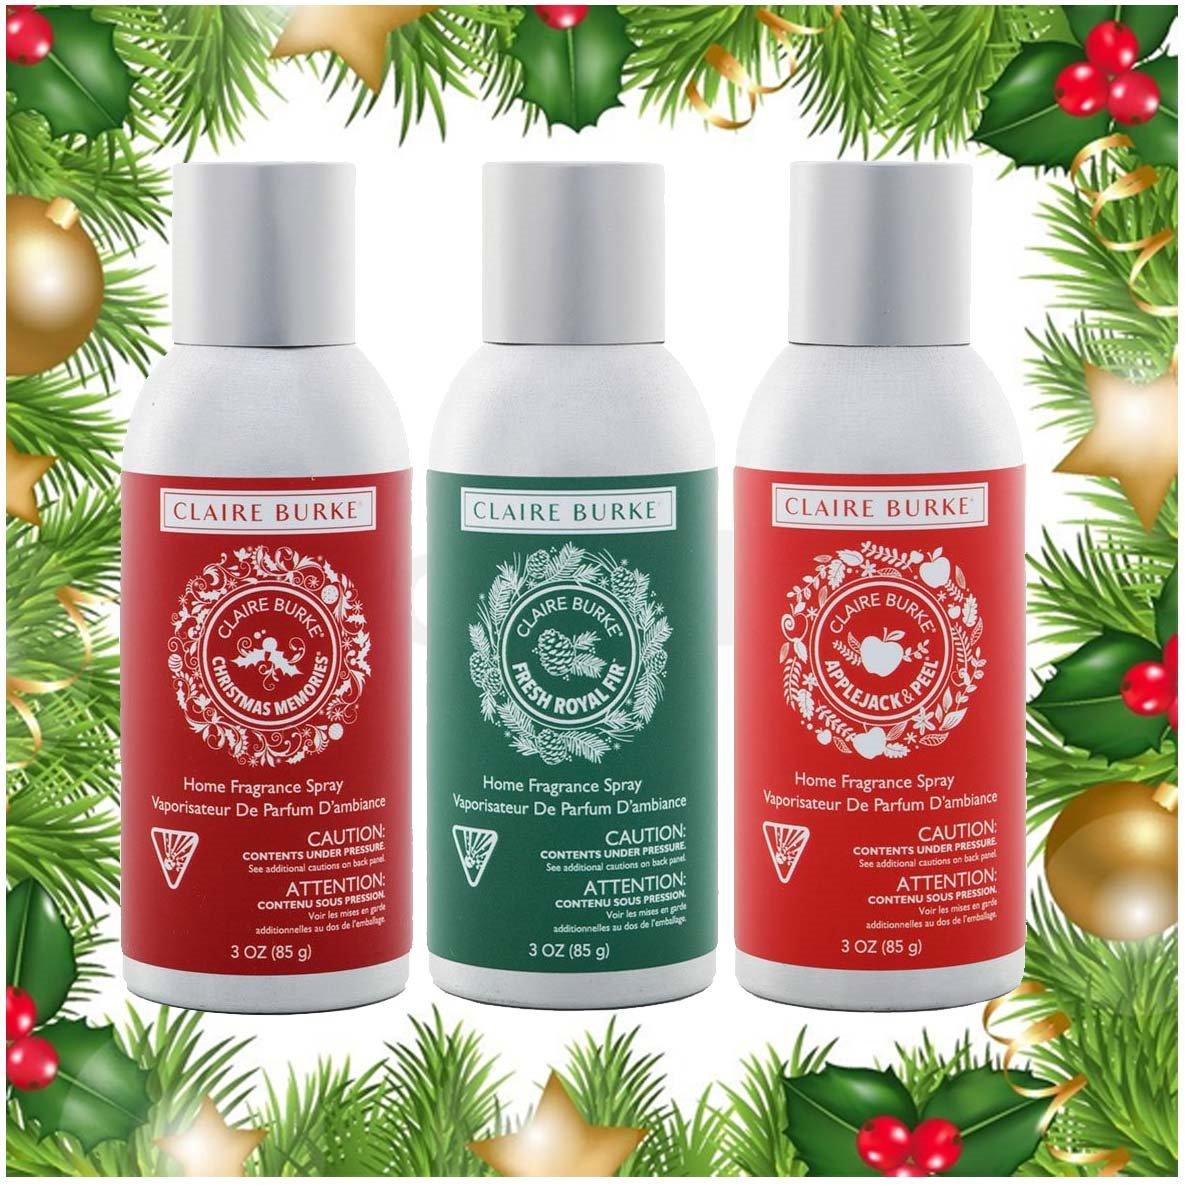 Claire Burke Room Spray Seasonal Scents Trio (3 3oz cans)